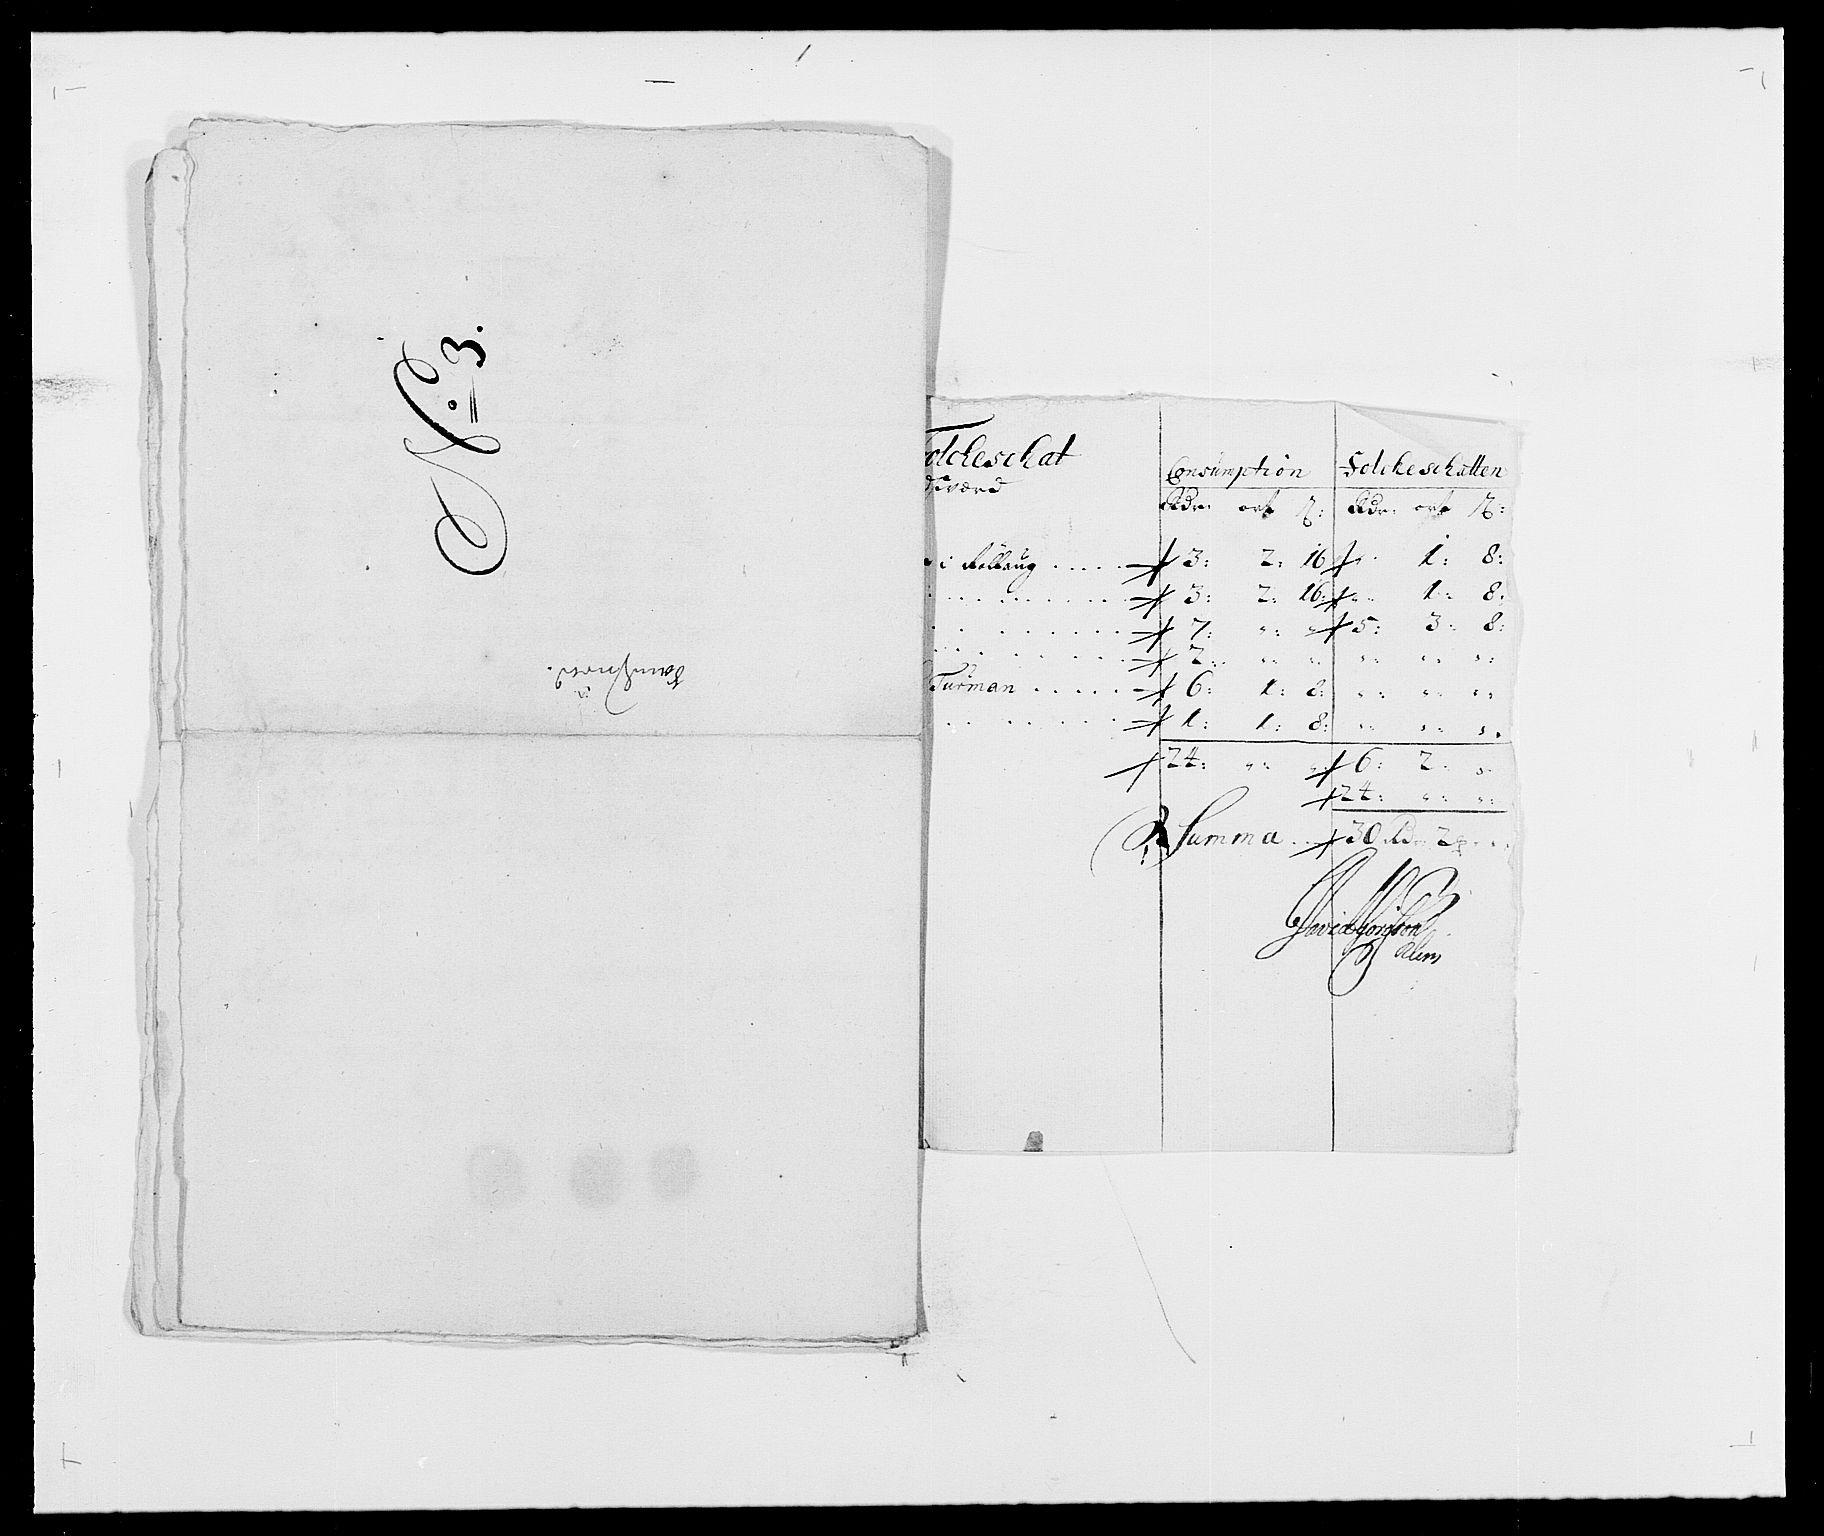 RA, Rentekammeret inntil 1814, Reviderte regnskaper, Fogderegnskap, R24/L1573: Fogderegnskap Numedal og Sandsvær, 1687-1691, s. 523